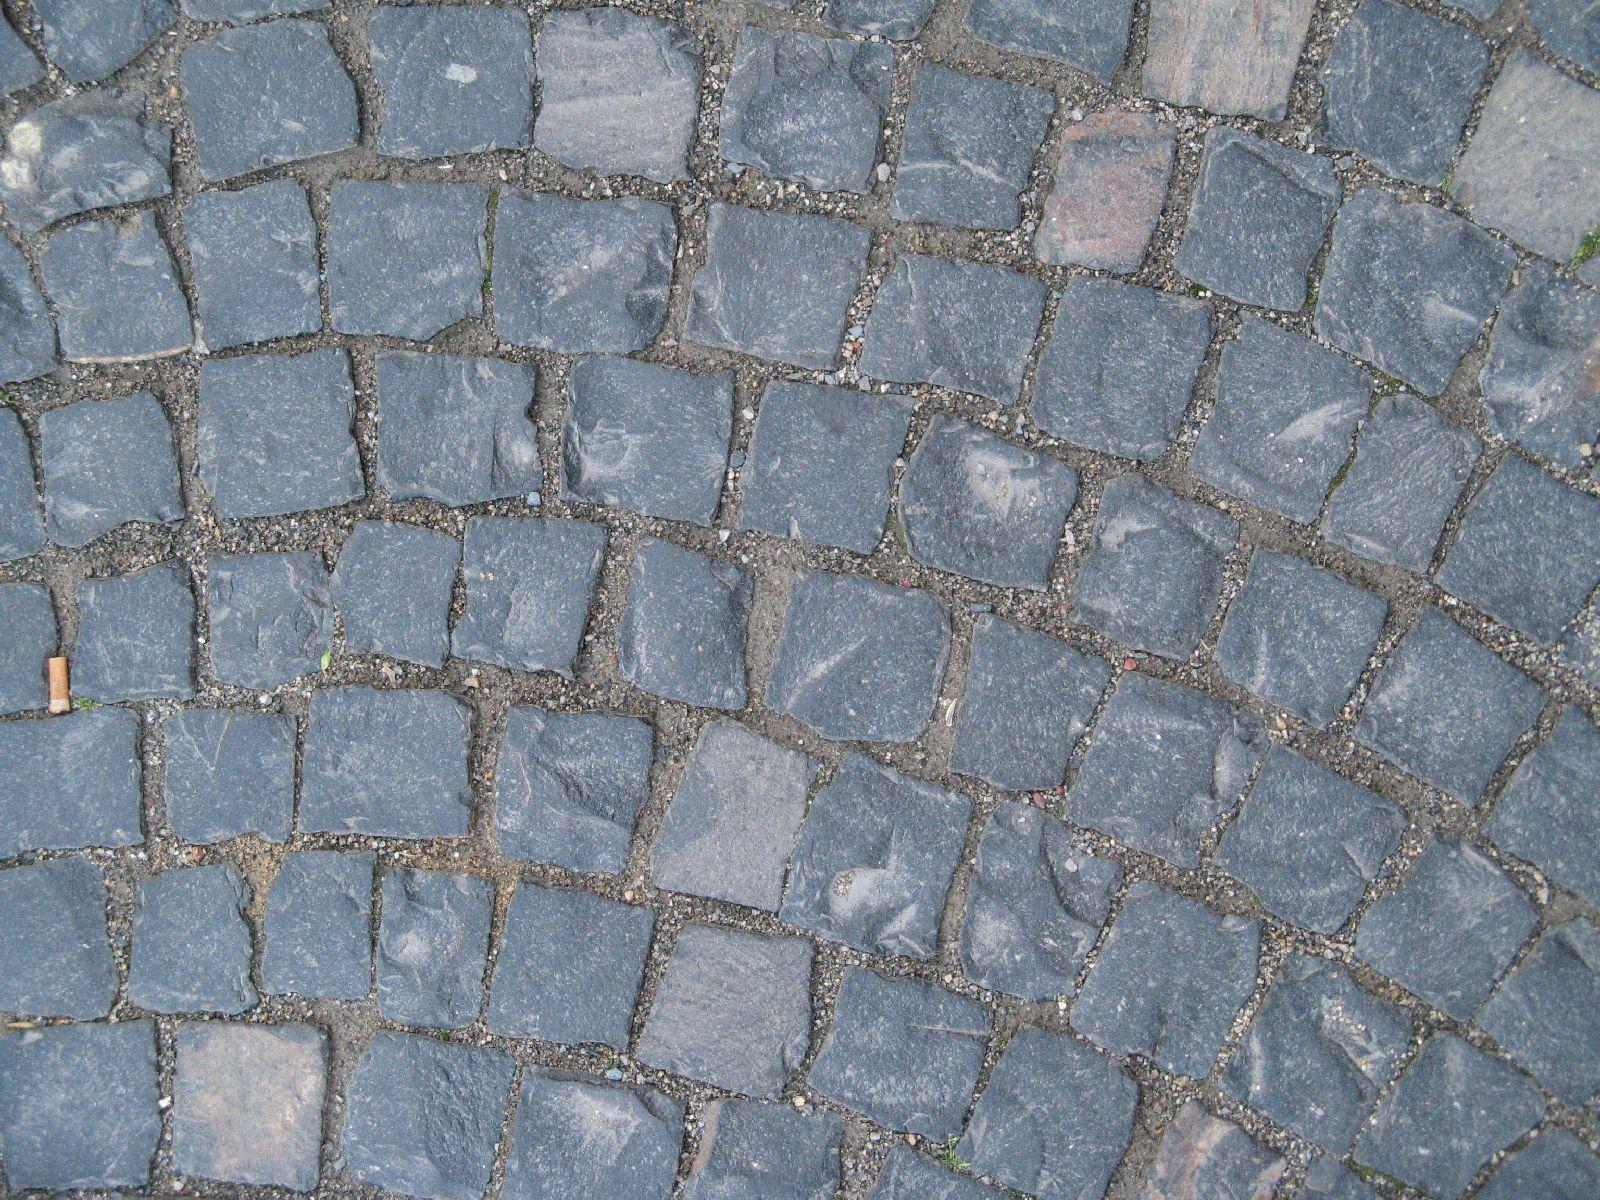 Boden-Gehweg-Strasse-Buergersteig-Textur_B_00654